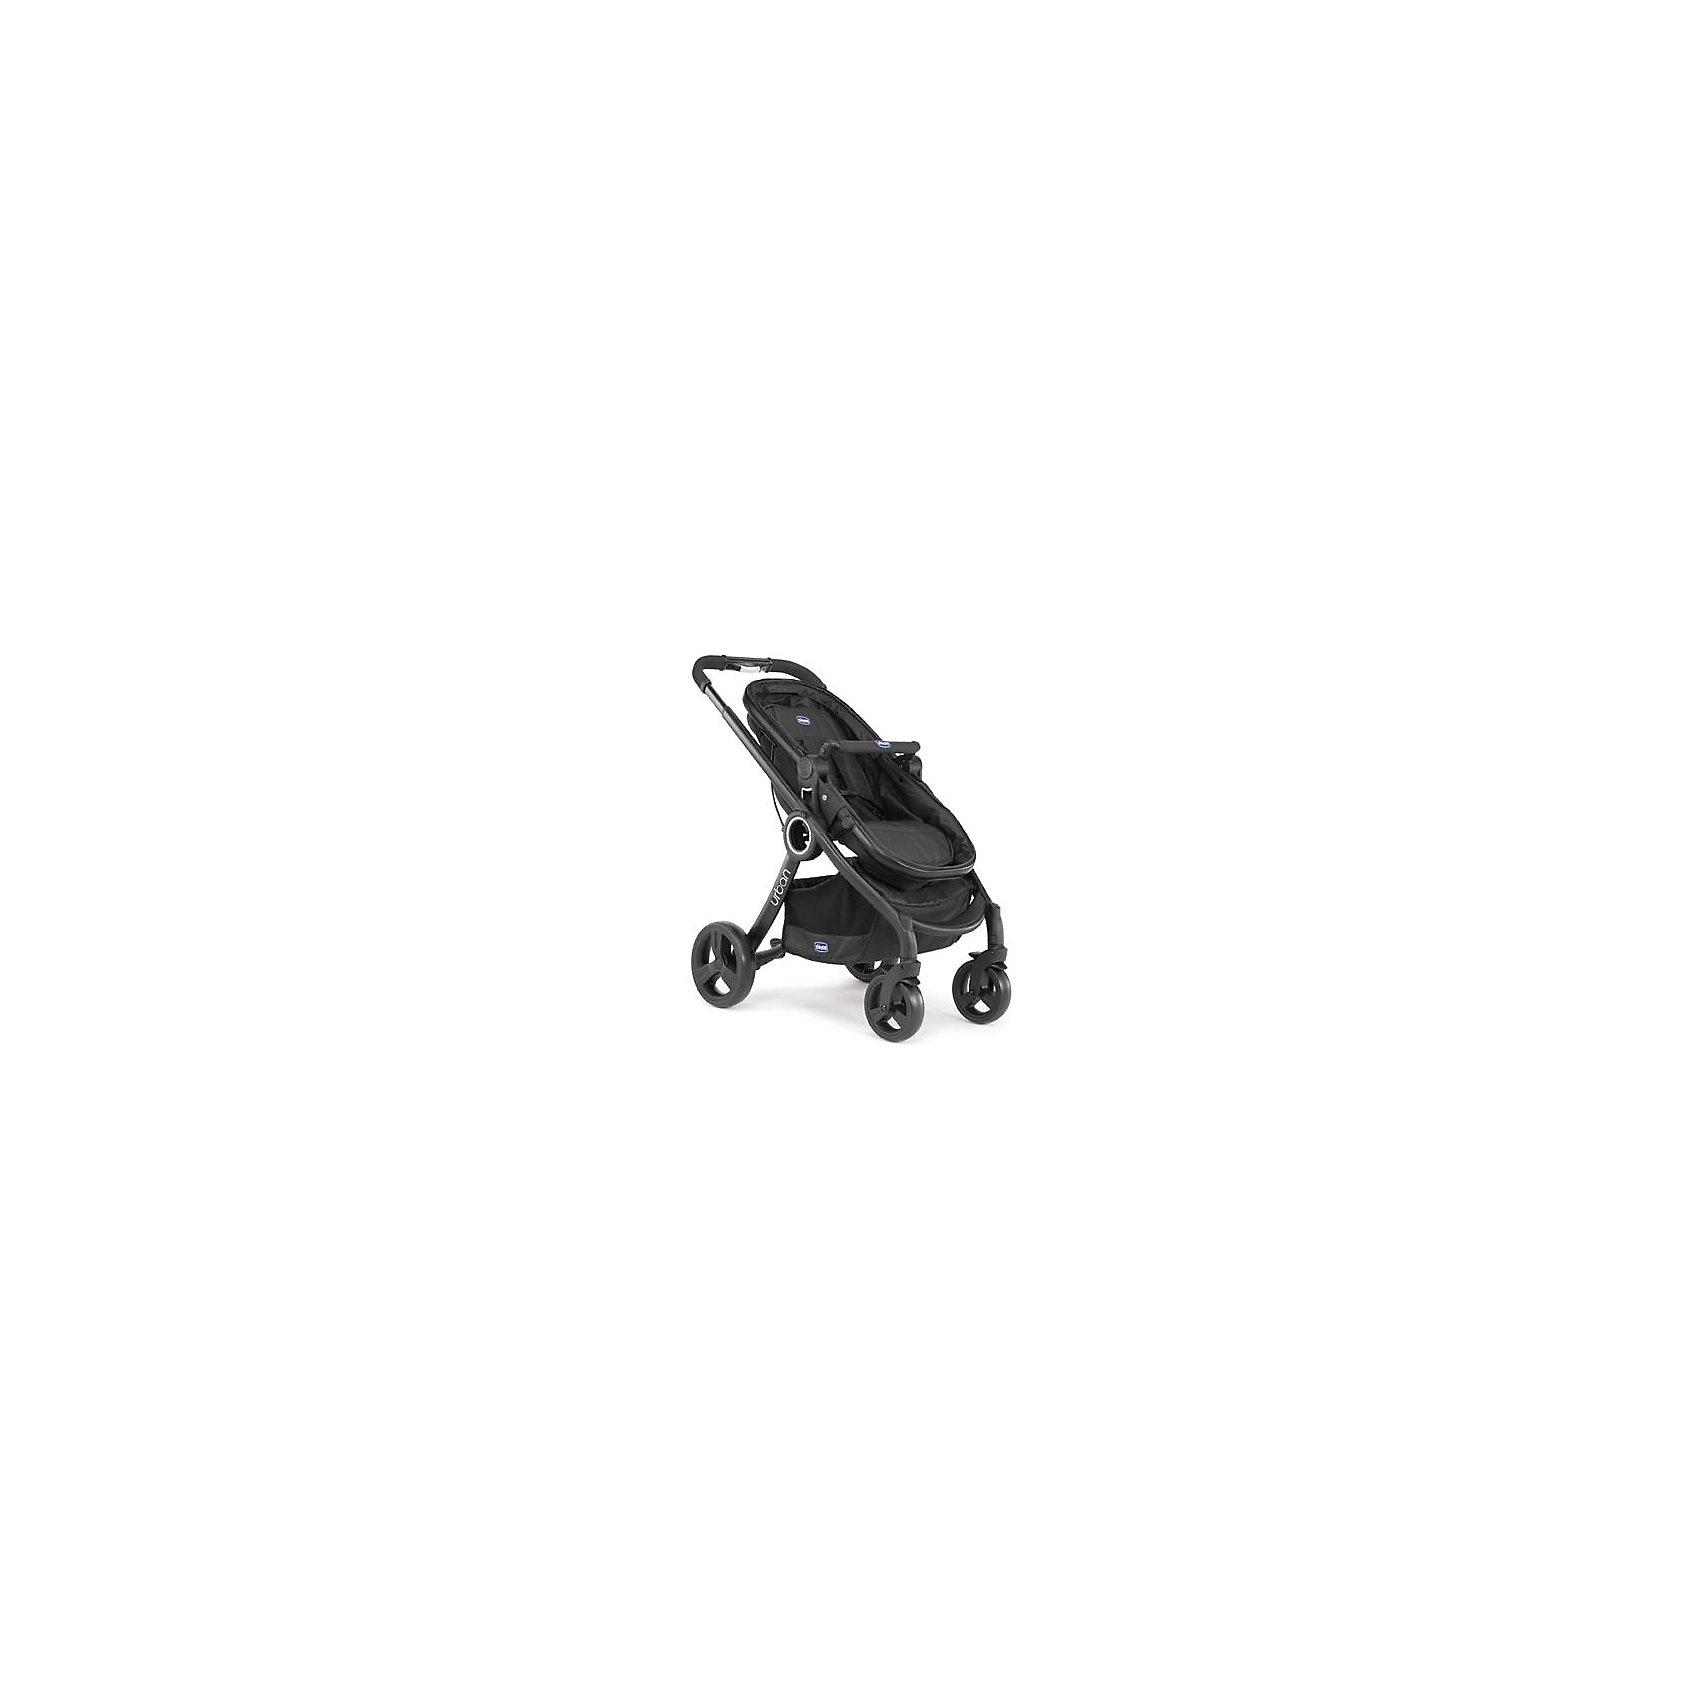 Коляска-трансформер Urban Plus, Chicco, черный